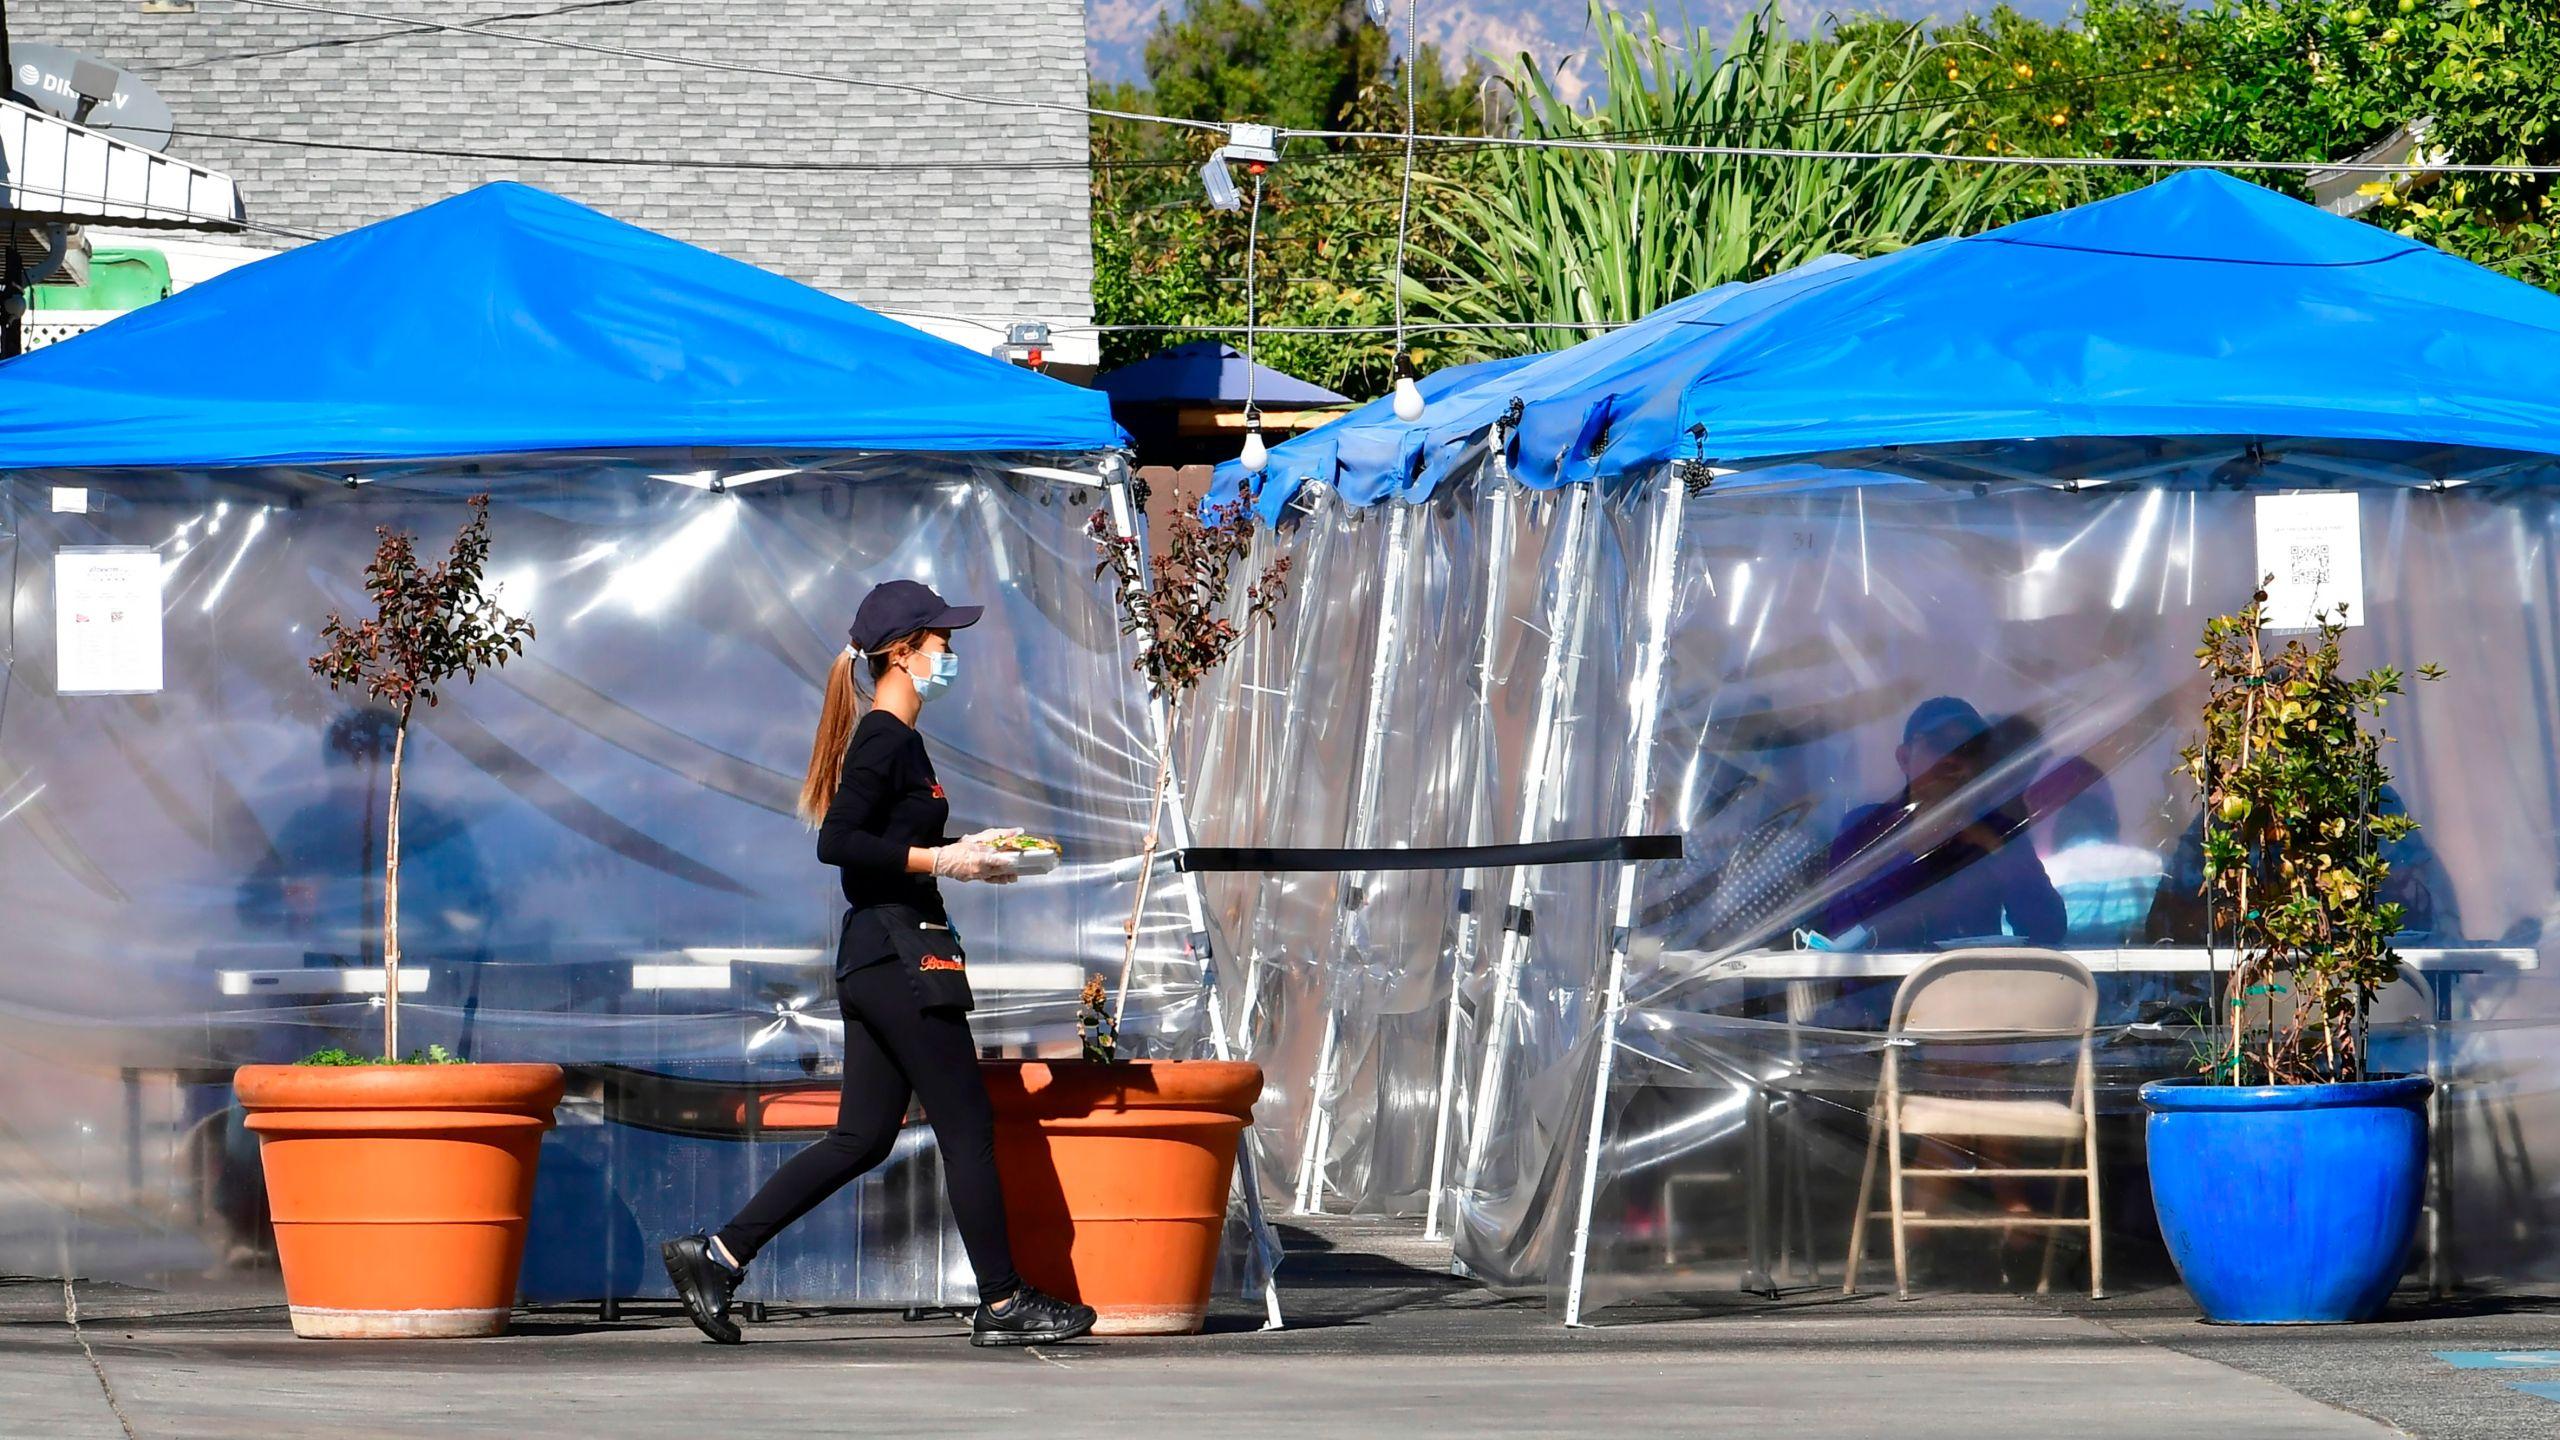 2020年11月17日,在阿罕布拉市一家餐厅的停车场,一名女服务员为坐在户外帐篷下的食客送餐。(FREDERIC J. BROWN/AFP via Getty Images)(photo:KTLA)